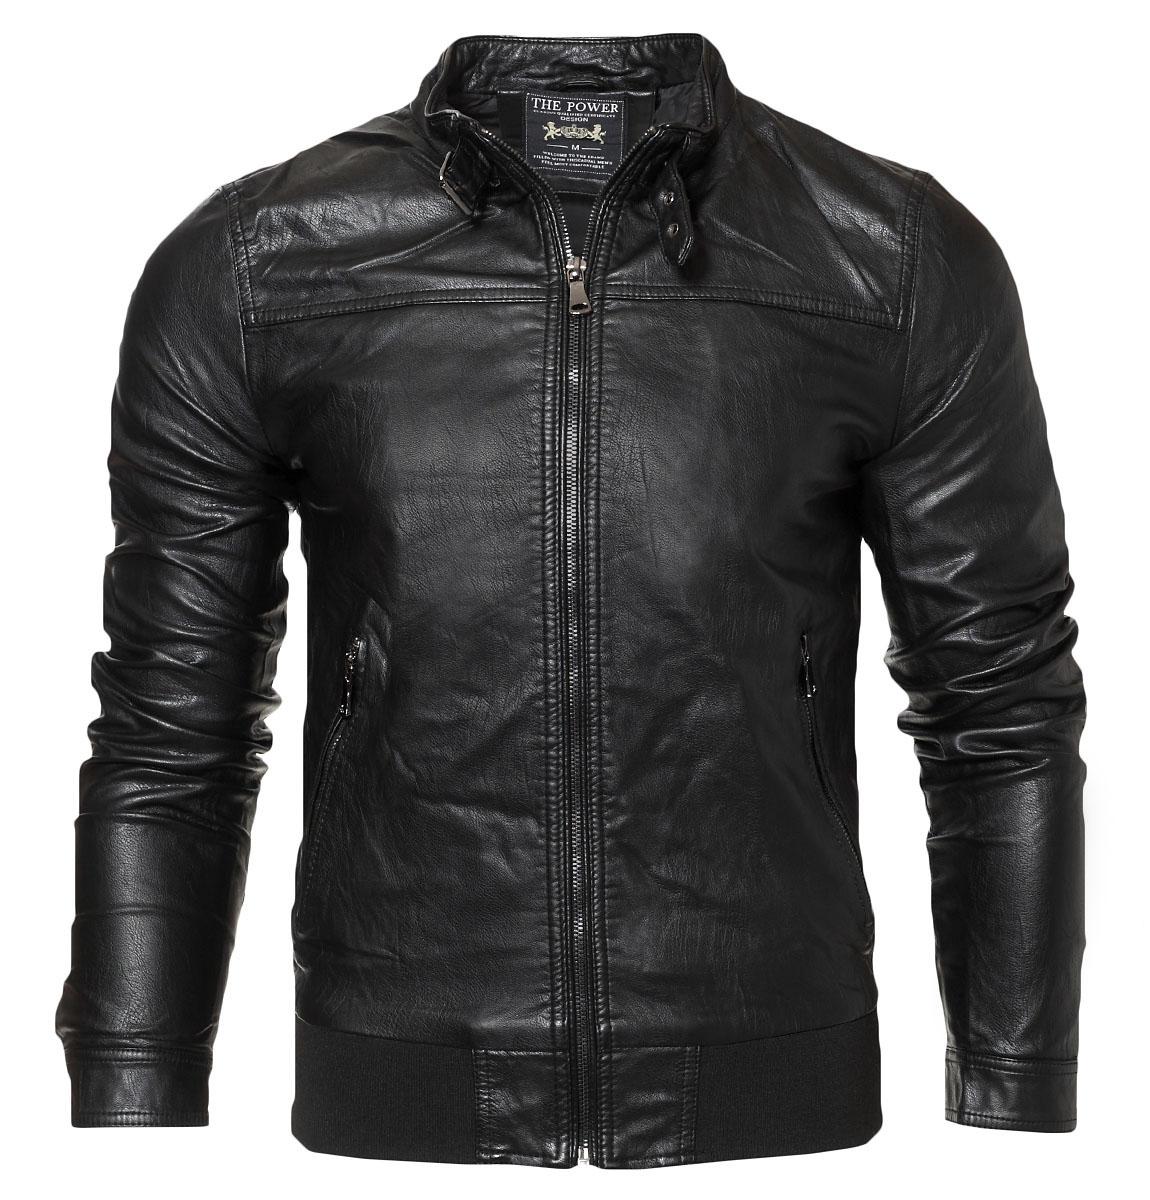 Ανδρικό Μπουφάν Δερματίνη Black Button αρχική ανδρικά ρούχα μπουφάν